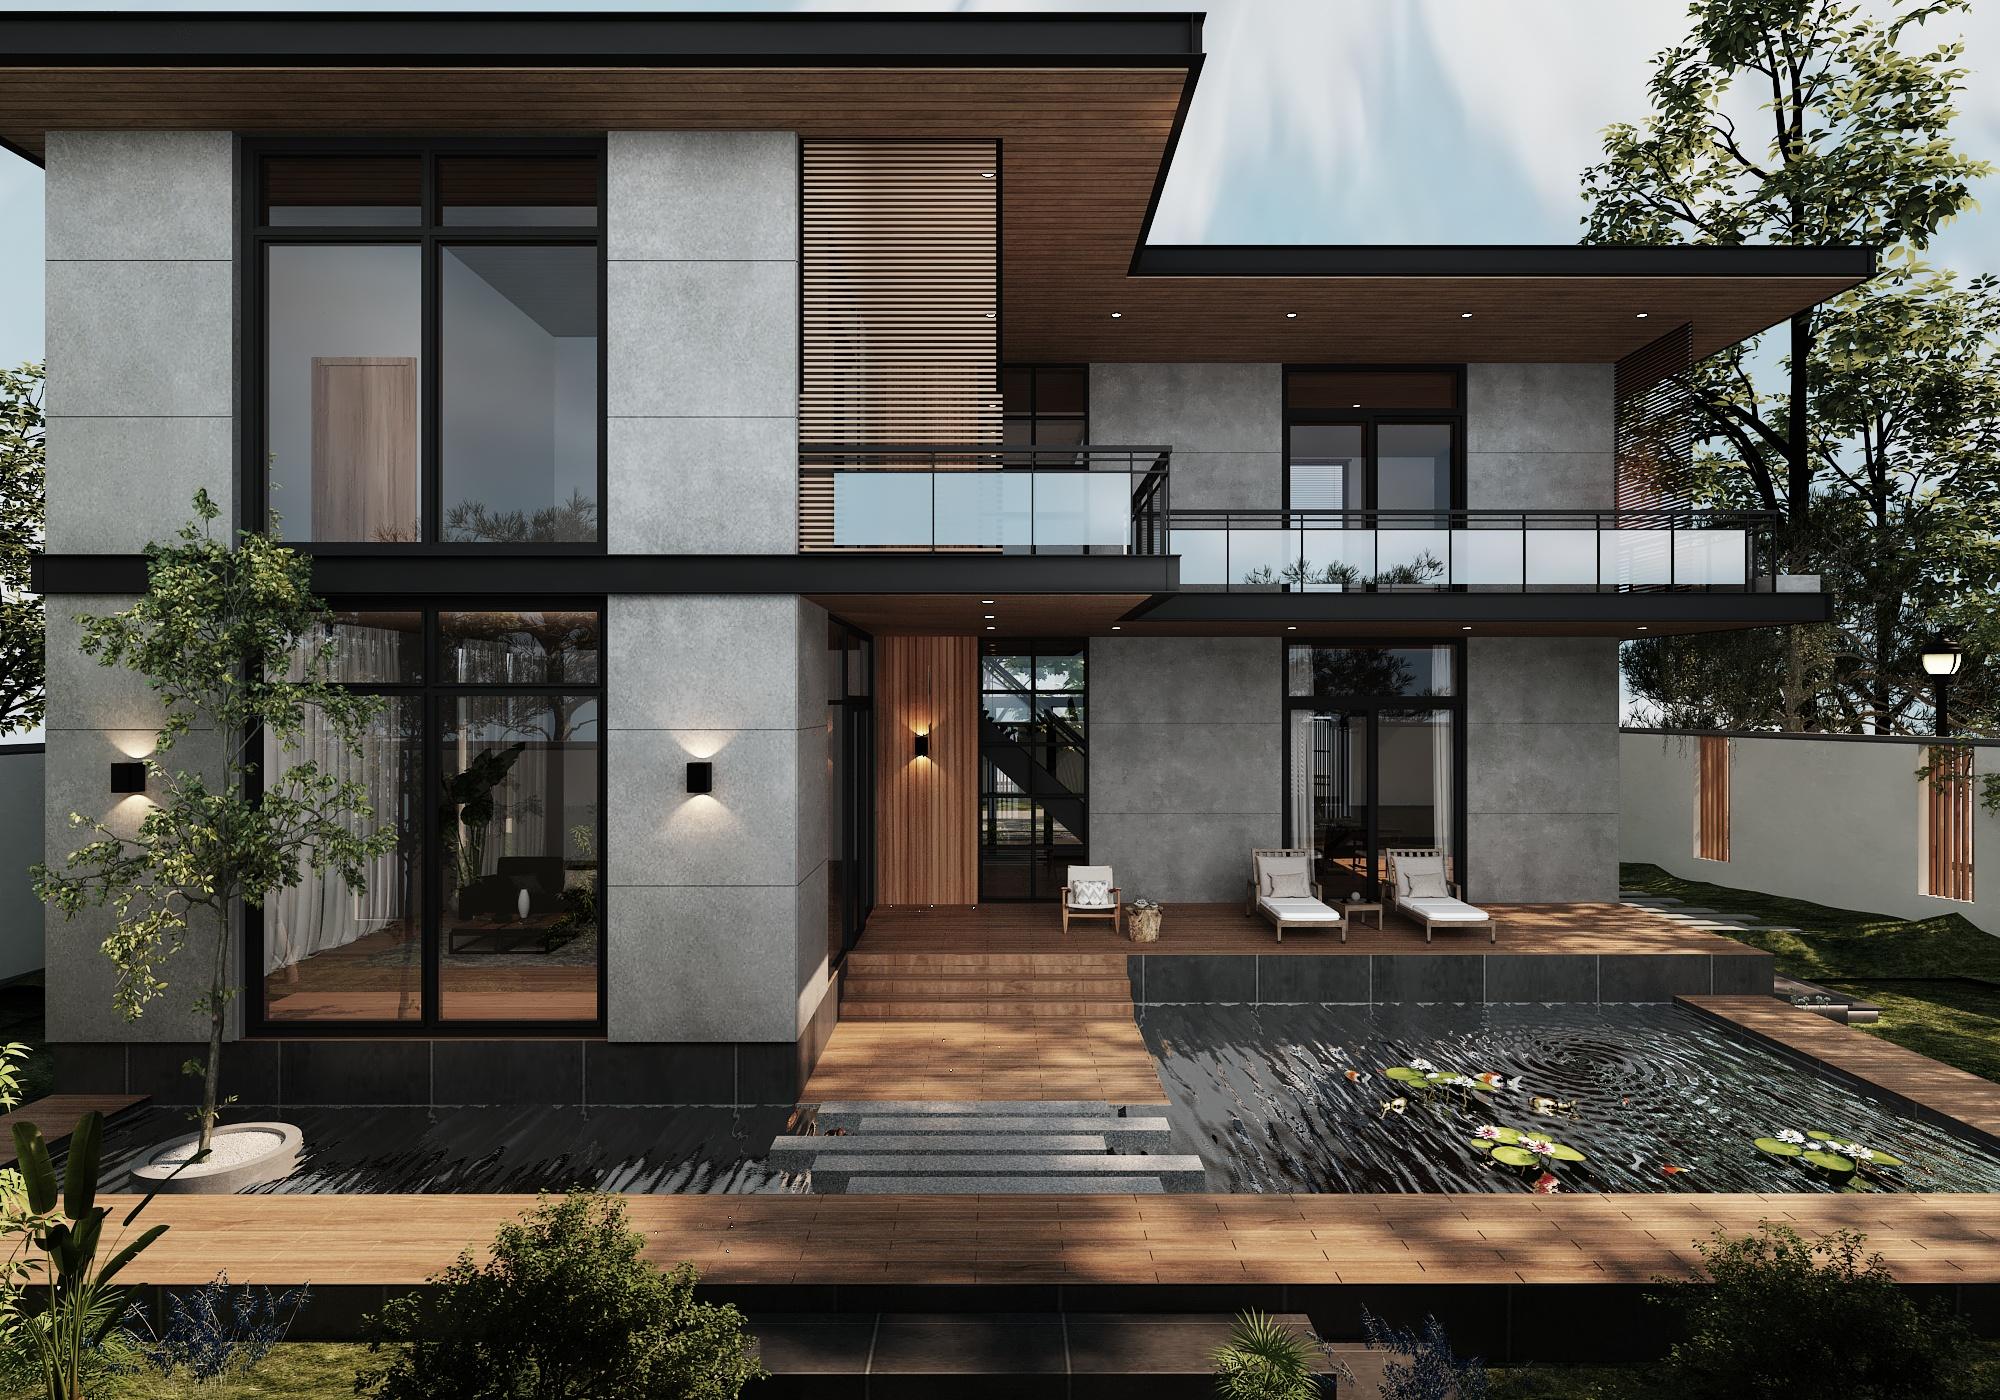 Thiết kế Biệt Thự tại Lâm Đồng VILLA ĐÀ LẠT 1617724249 0